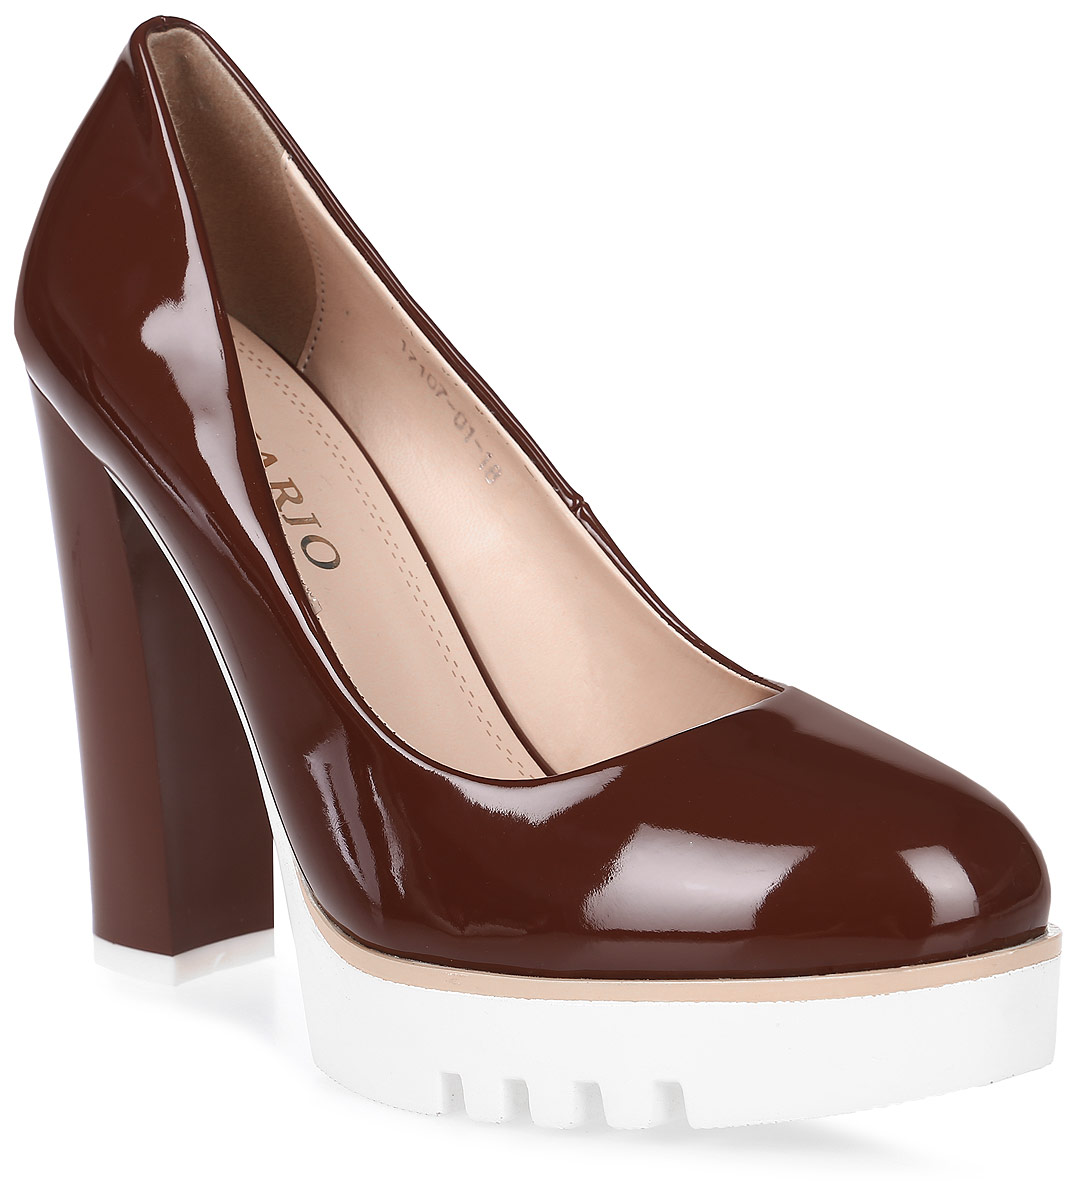 Туфли женские Inario, цвет: коричневый. 17107-01-18. Размер 4017107-01-18Туфли на платформе Inario выполнены из искусственной лаковой кожи. Внутренняя поверхность и стелька из искусственной кожи обеспечат комфорт при движении. Рифленая подошва выполнена из полимера. Модель имеет круглый мысок и высокий устойчивый каблук.